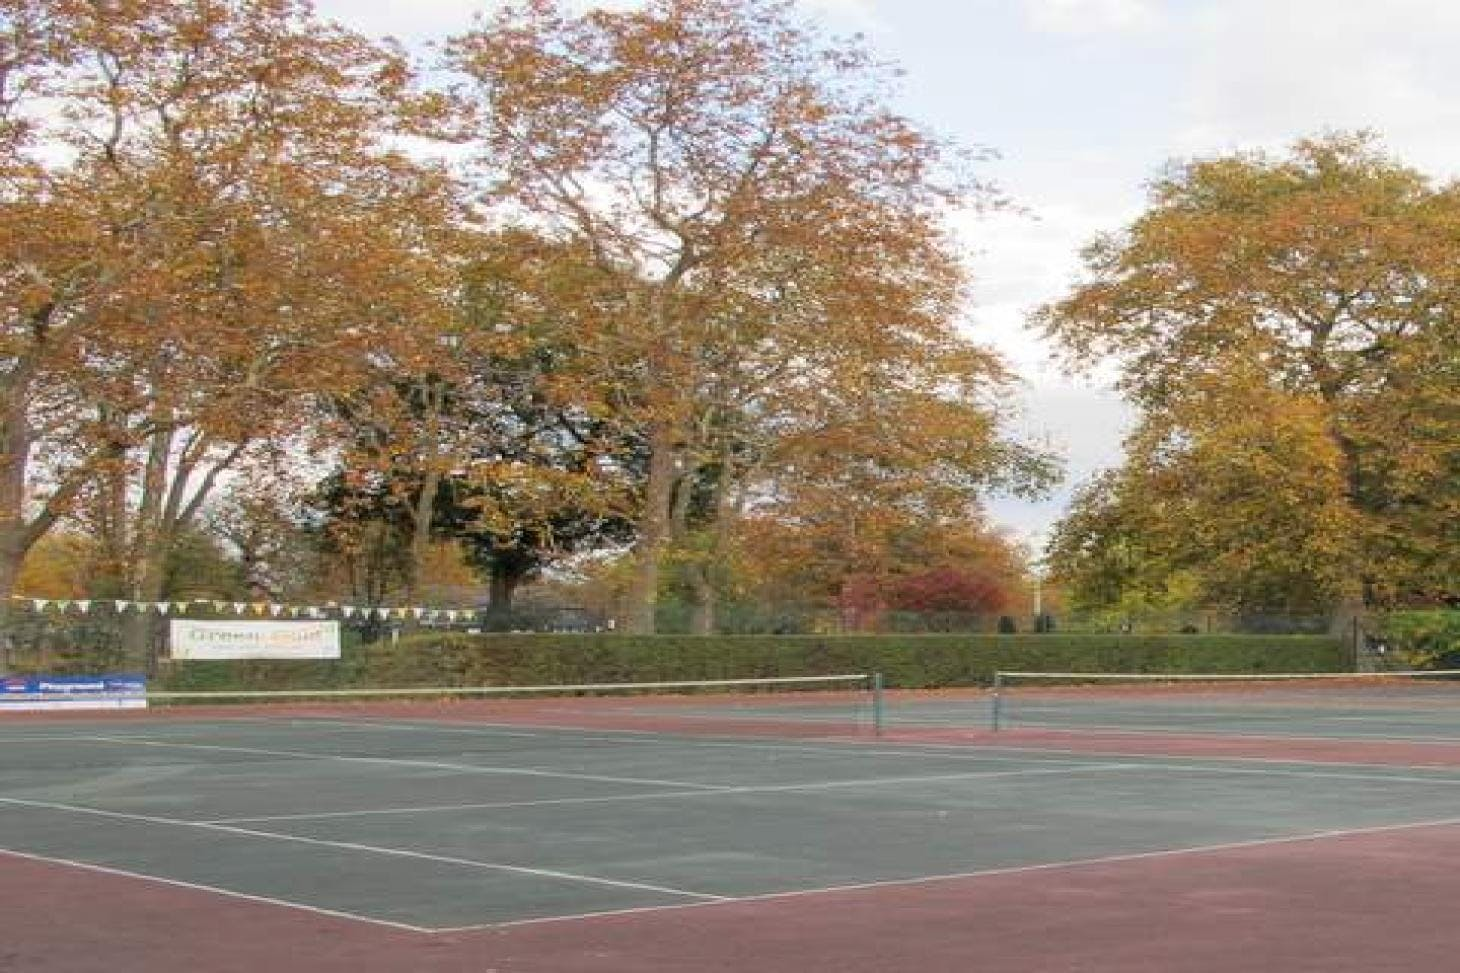 Canning Town Recreation Ground Outdoor | Hard (macadam) tennis court